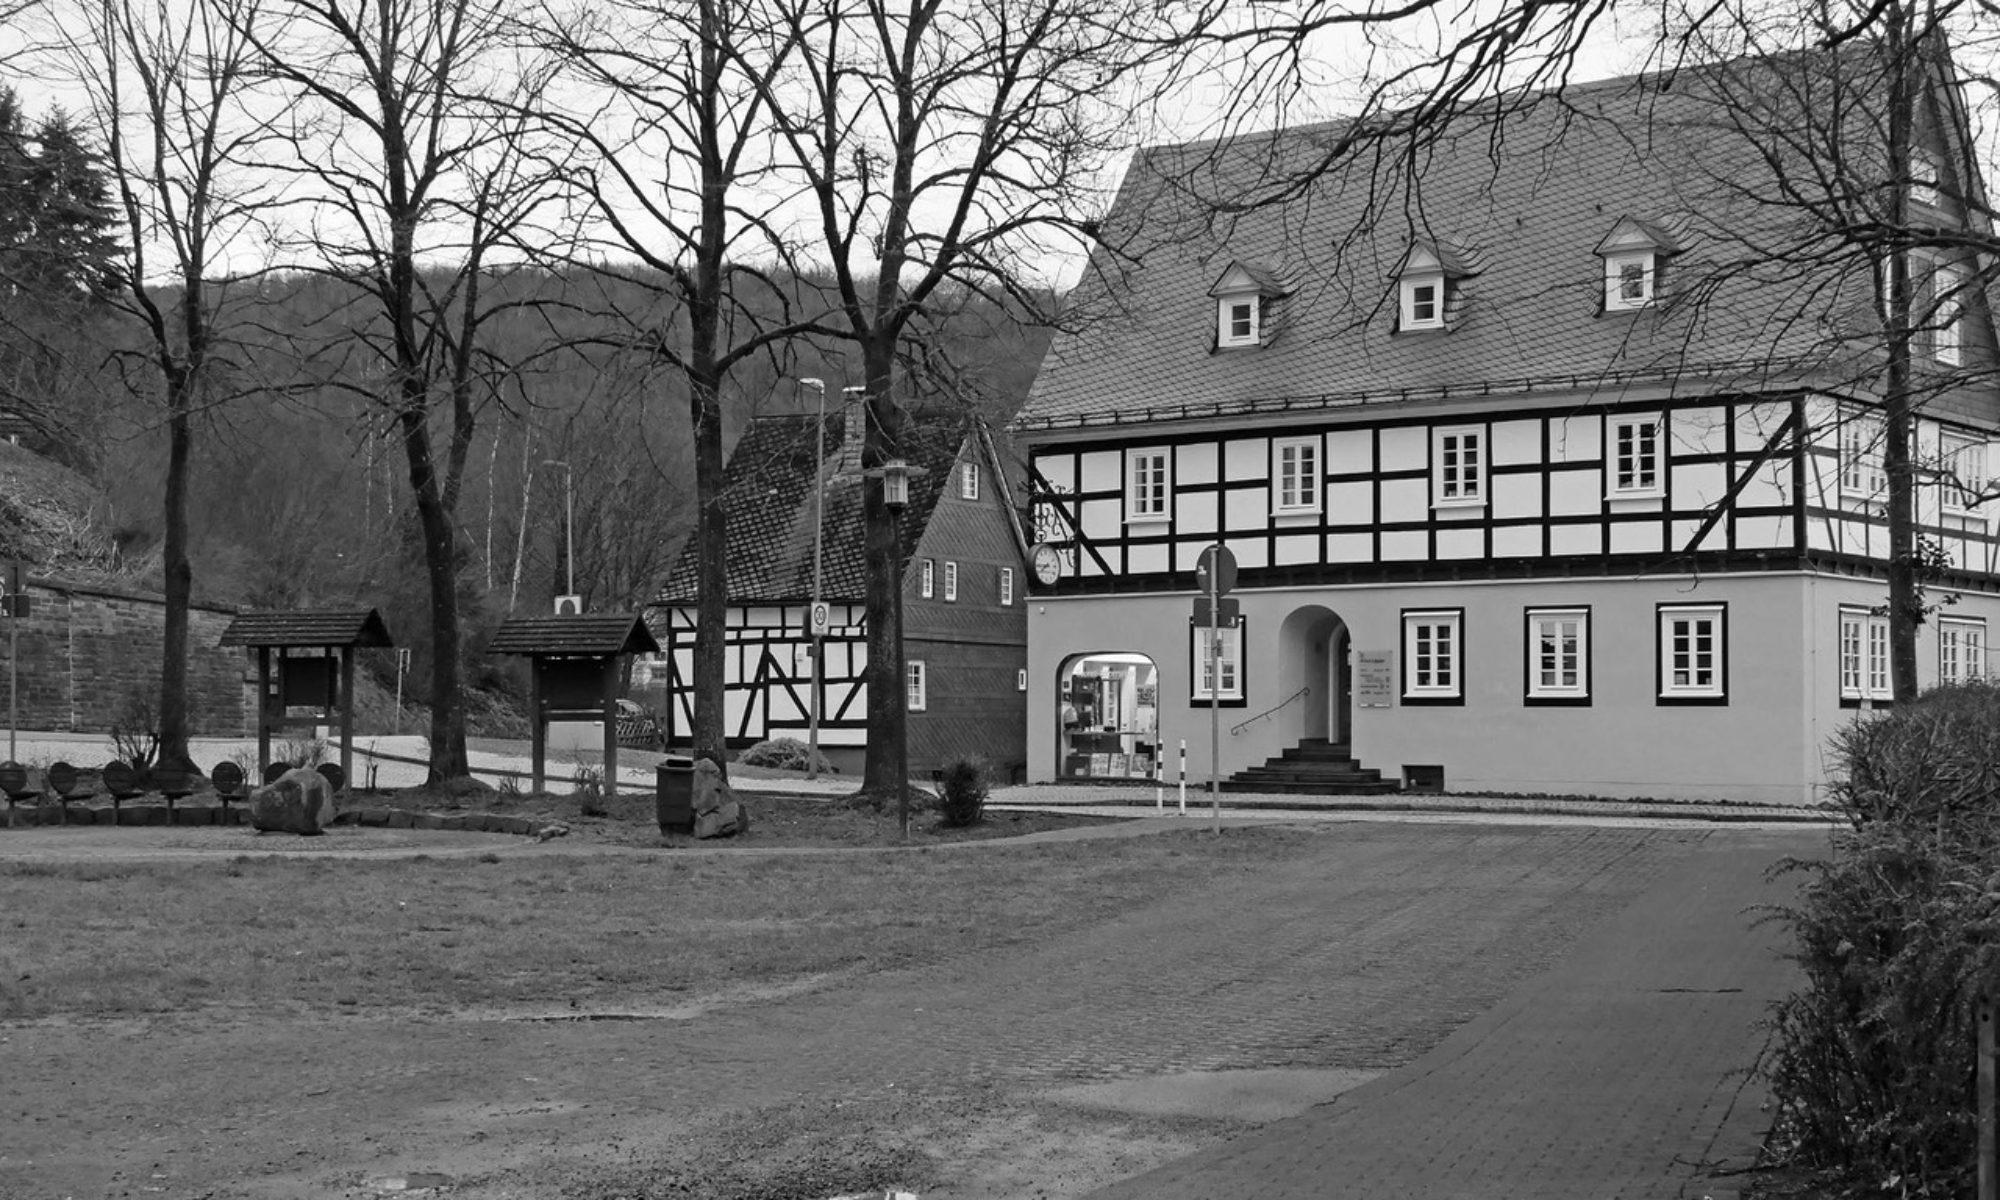 Umgestaltung des Marktplatzes in Freudenberg